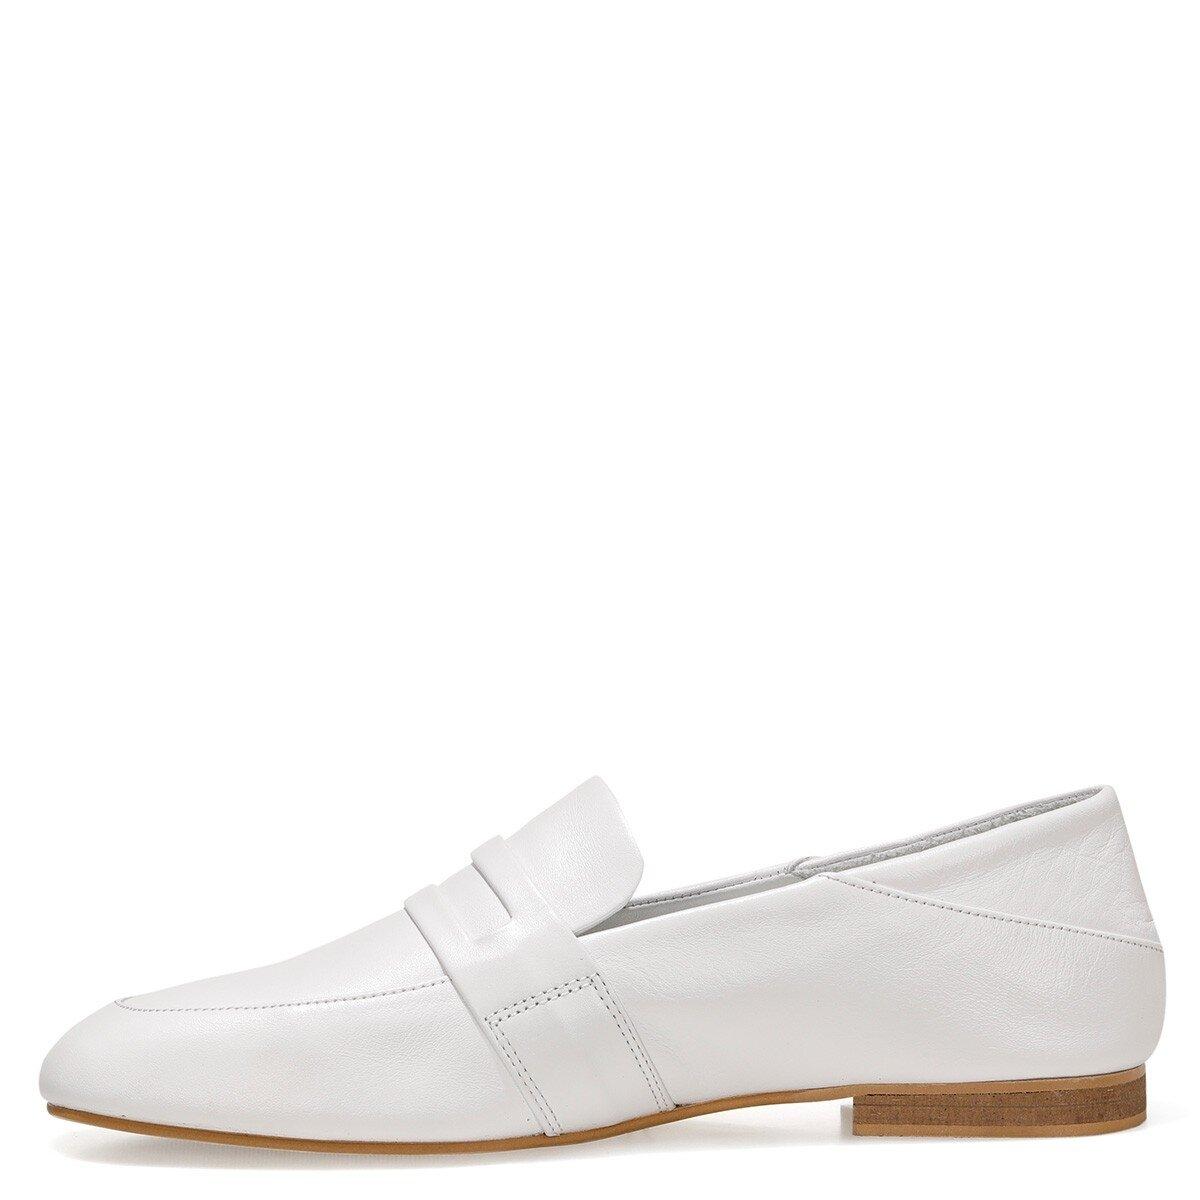 CONFINTA 1FX Beyaz Kadın Loafer Ayakkabı